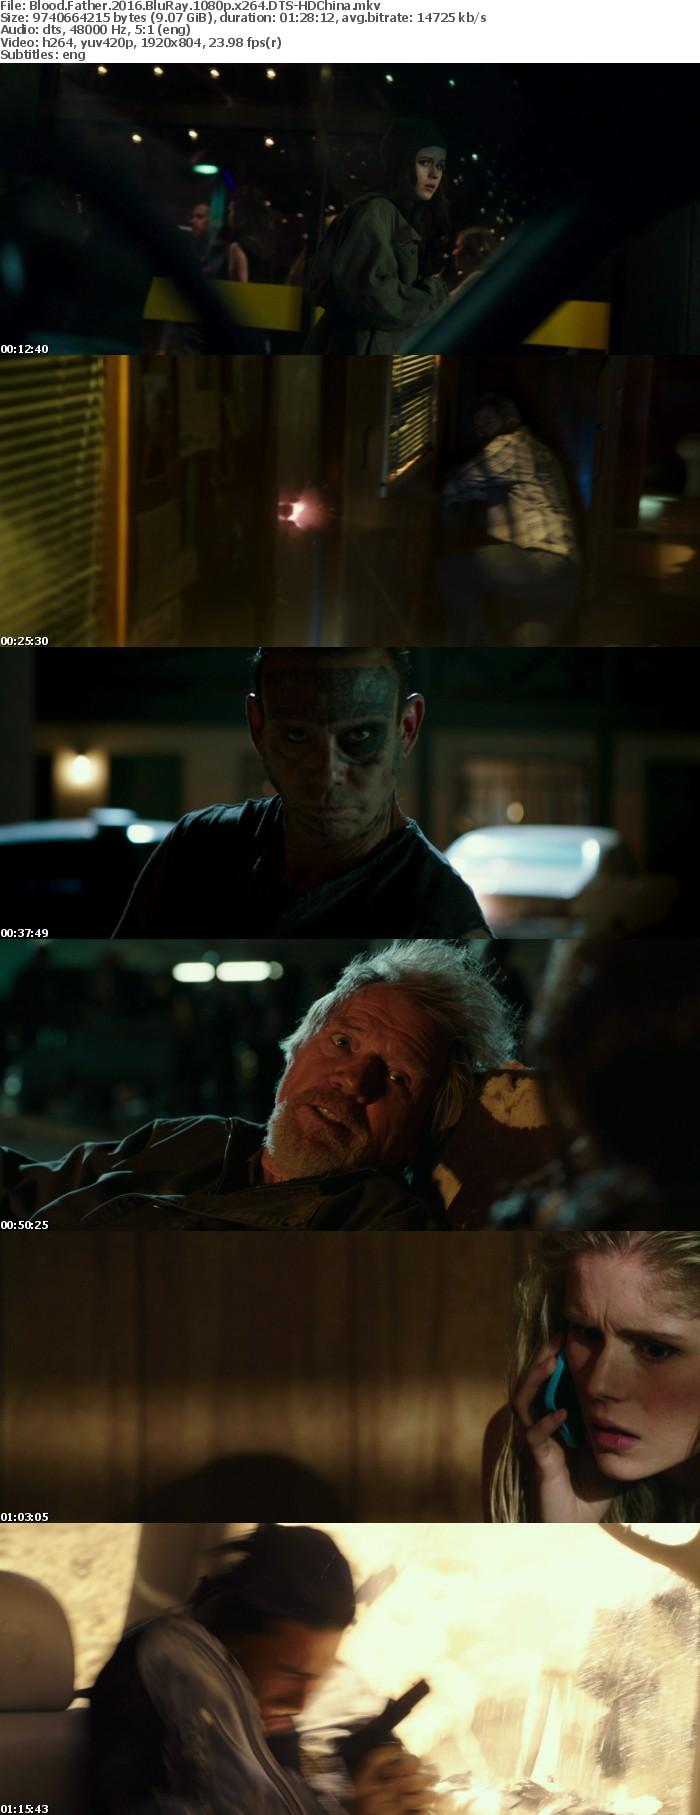 Blood Father 2016 BluRay 1080p x264 DTS-HDChina